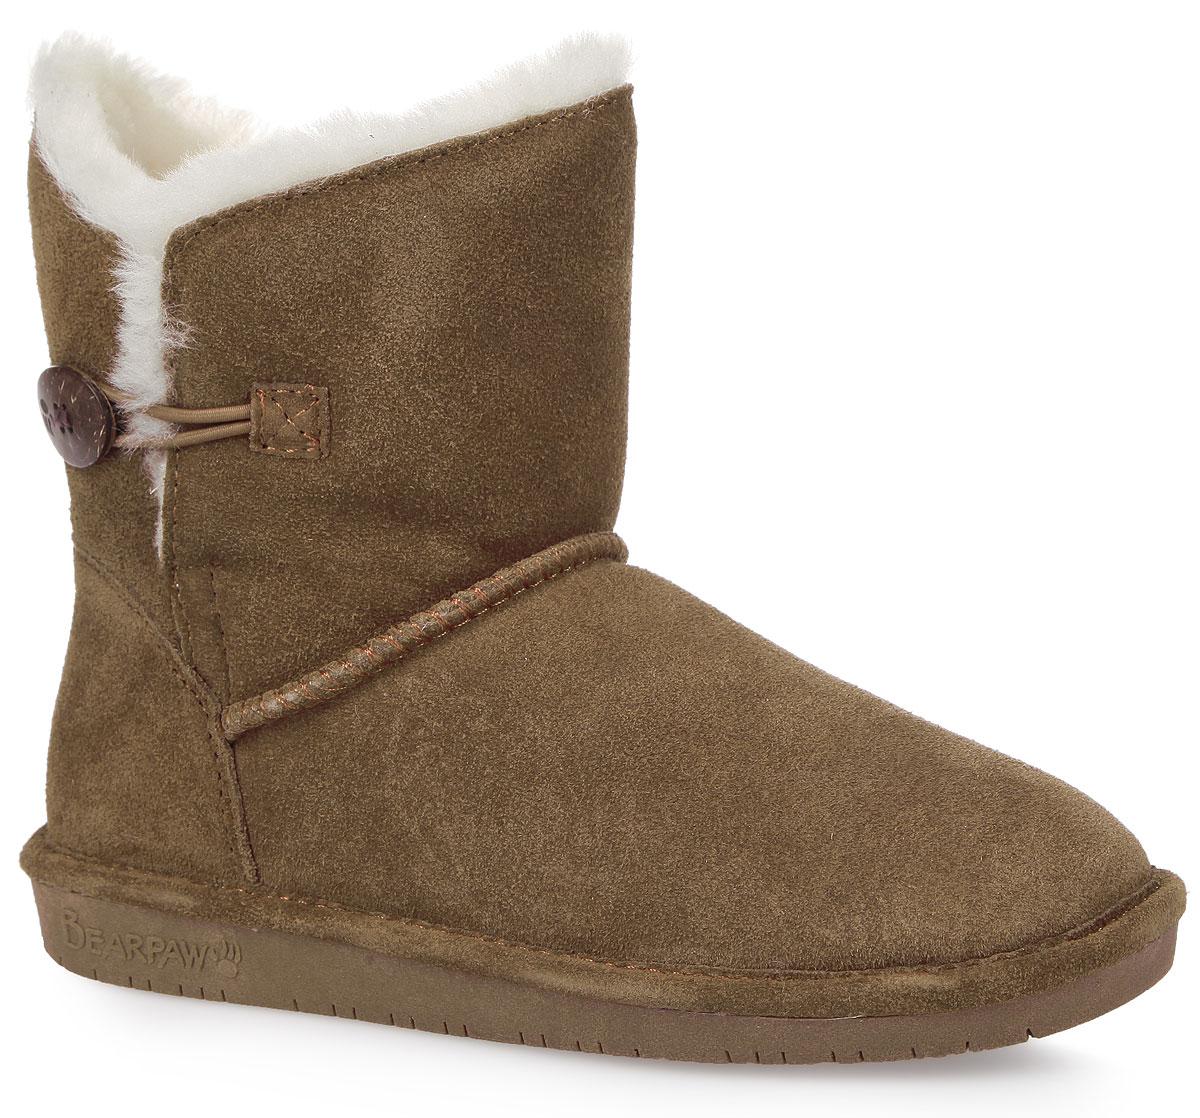 Угги женcкие Bearpaw Rosie, цвет: коричневый. 1653W-hickory II. Размер 8 (38)1653W-hickory IIМодные угги Bearpaw Rosie не позволят вашим ногам замерзнуть. Обувь выполнена изнатуральной замши и оформлена крупными декоративными швами, на заднике - текстильнойнашивкой с названием и логотипом бренда. Верх изделия дополнен шерстяной оторочкой. Изюминка модели - пуговица, которая застегивается на эластичную петельку. Подкладка и стелька, выполненные из натуральной овечьей шерсти, подарят вашим ногам комфорт и уют. Подошва с рифлением в виде фирменного рисунка обеспечивает отличное сцепление на скользкой поверхности. Стильныеугги займут достойное место среди вашей коллекции обуви. В них вашим ногам будеткомфортно и уютно.